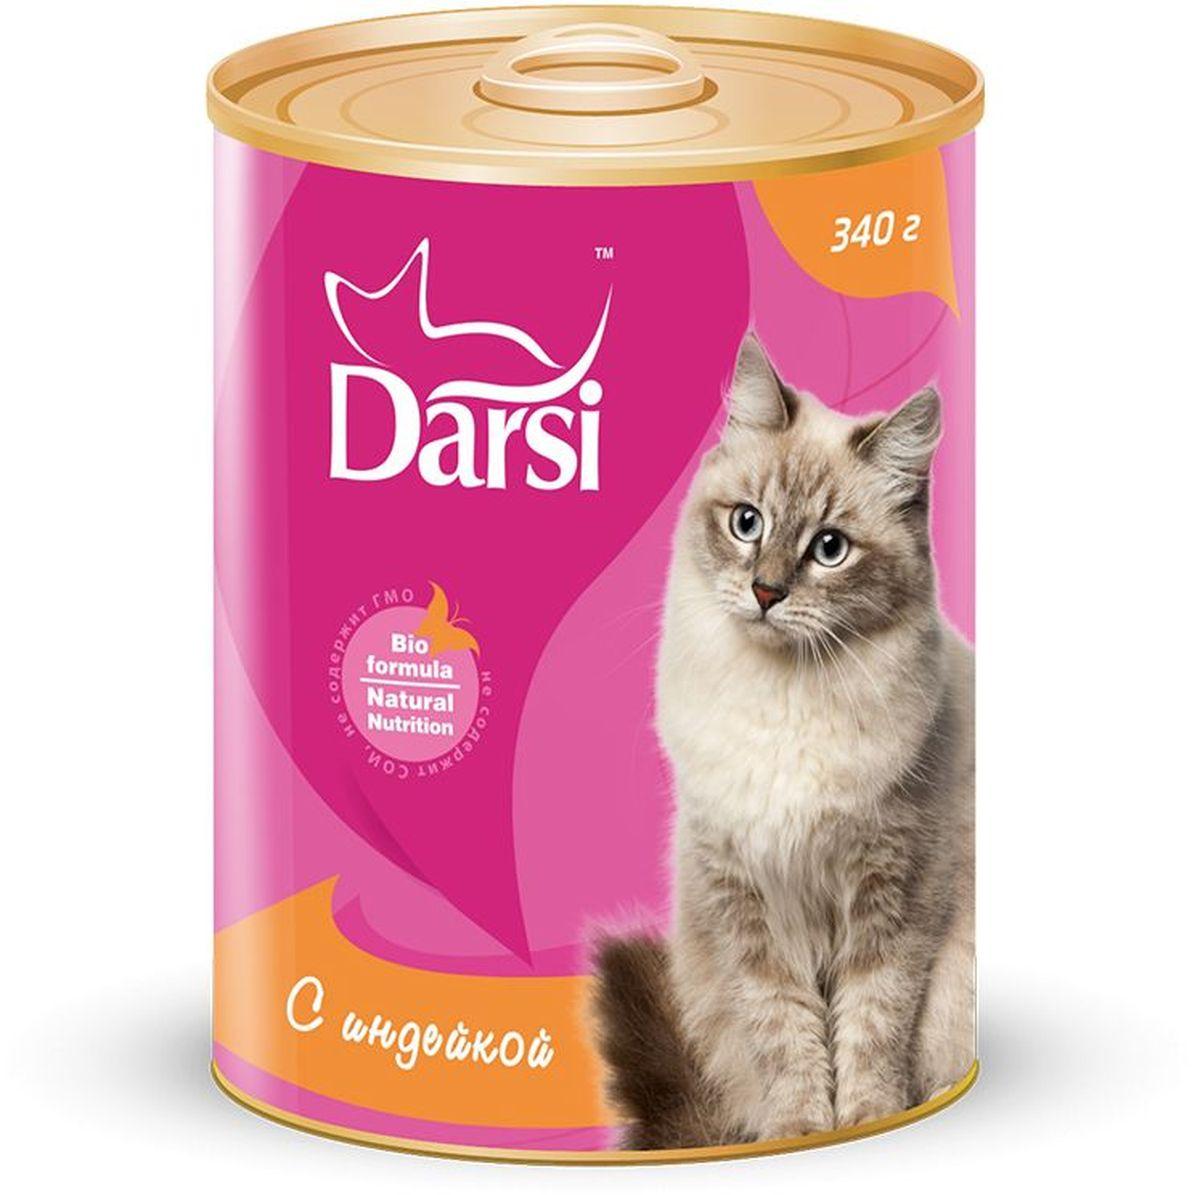 Консервы для кошек Darsi, с индейкой, 340 г. 92119211Полнорационный консервированный корм для кошек в виде фарша.